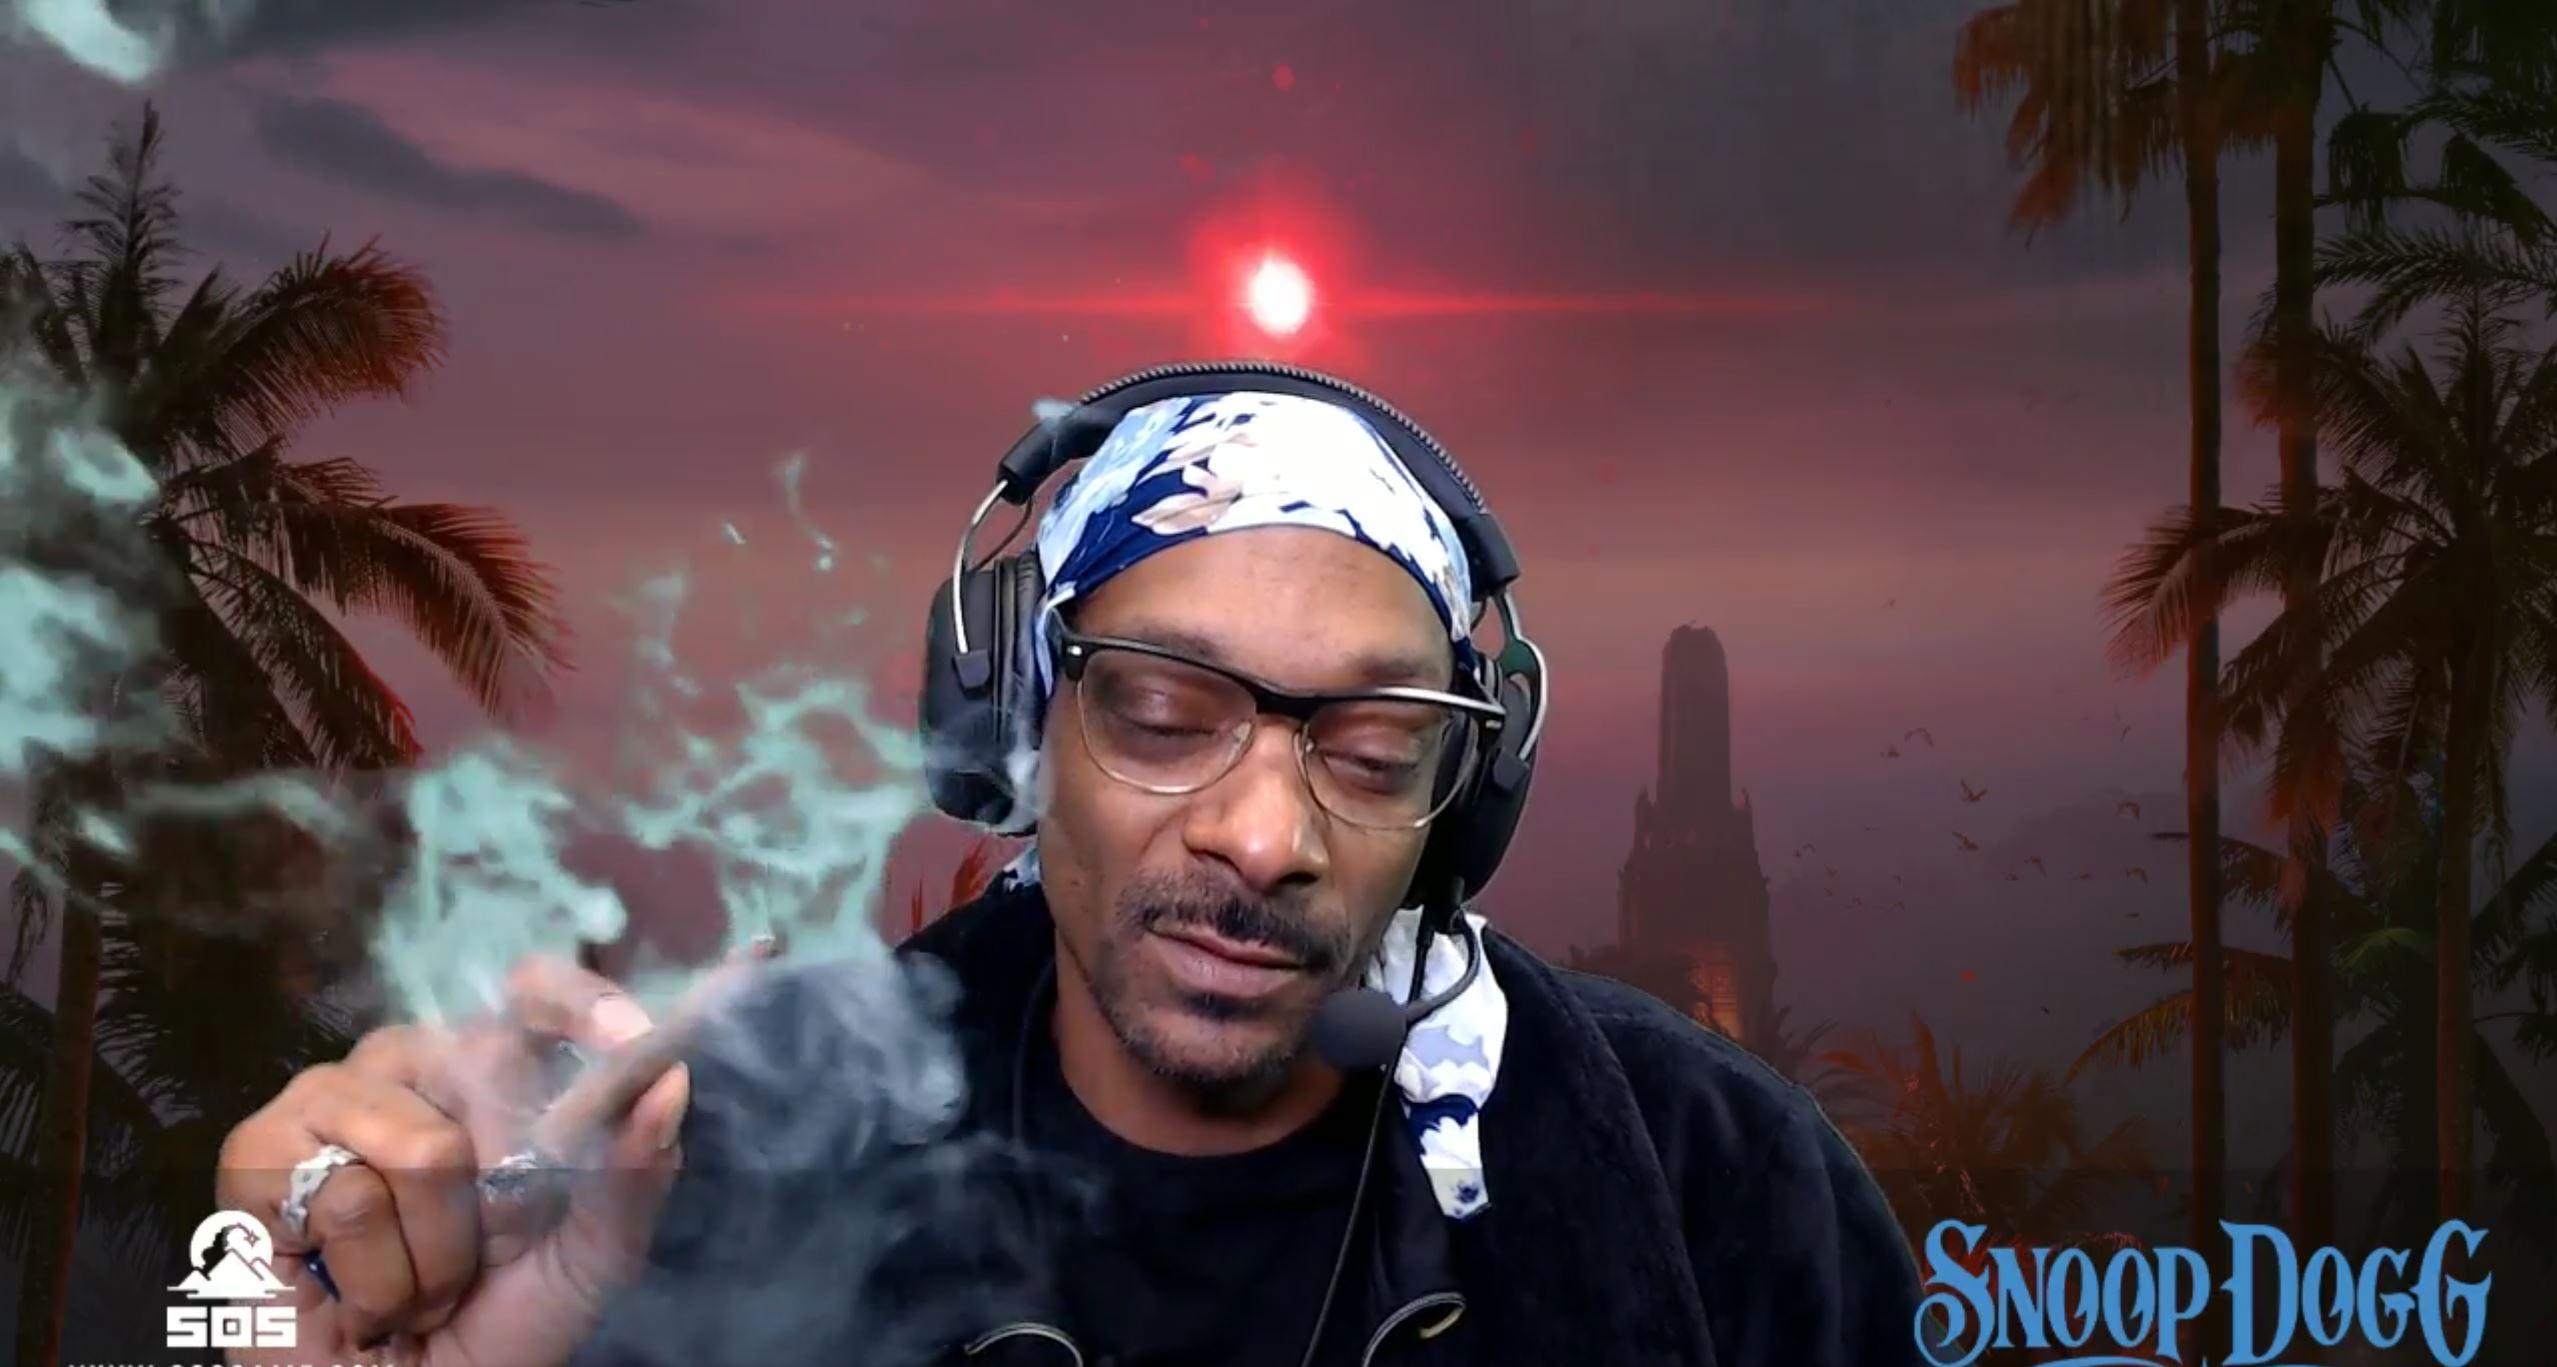 SOS hatte mal Snoop Dogg und Fans, nun haben sie üble Steam-Reviews